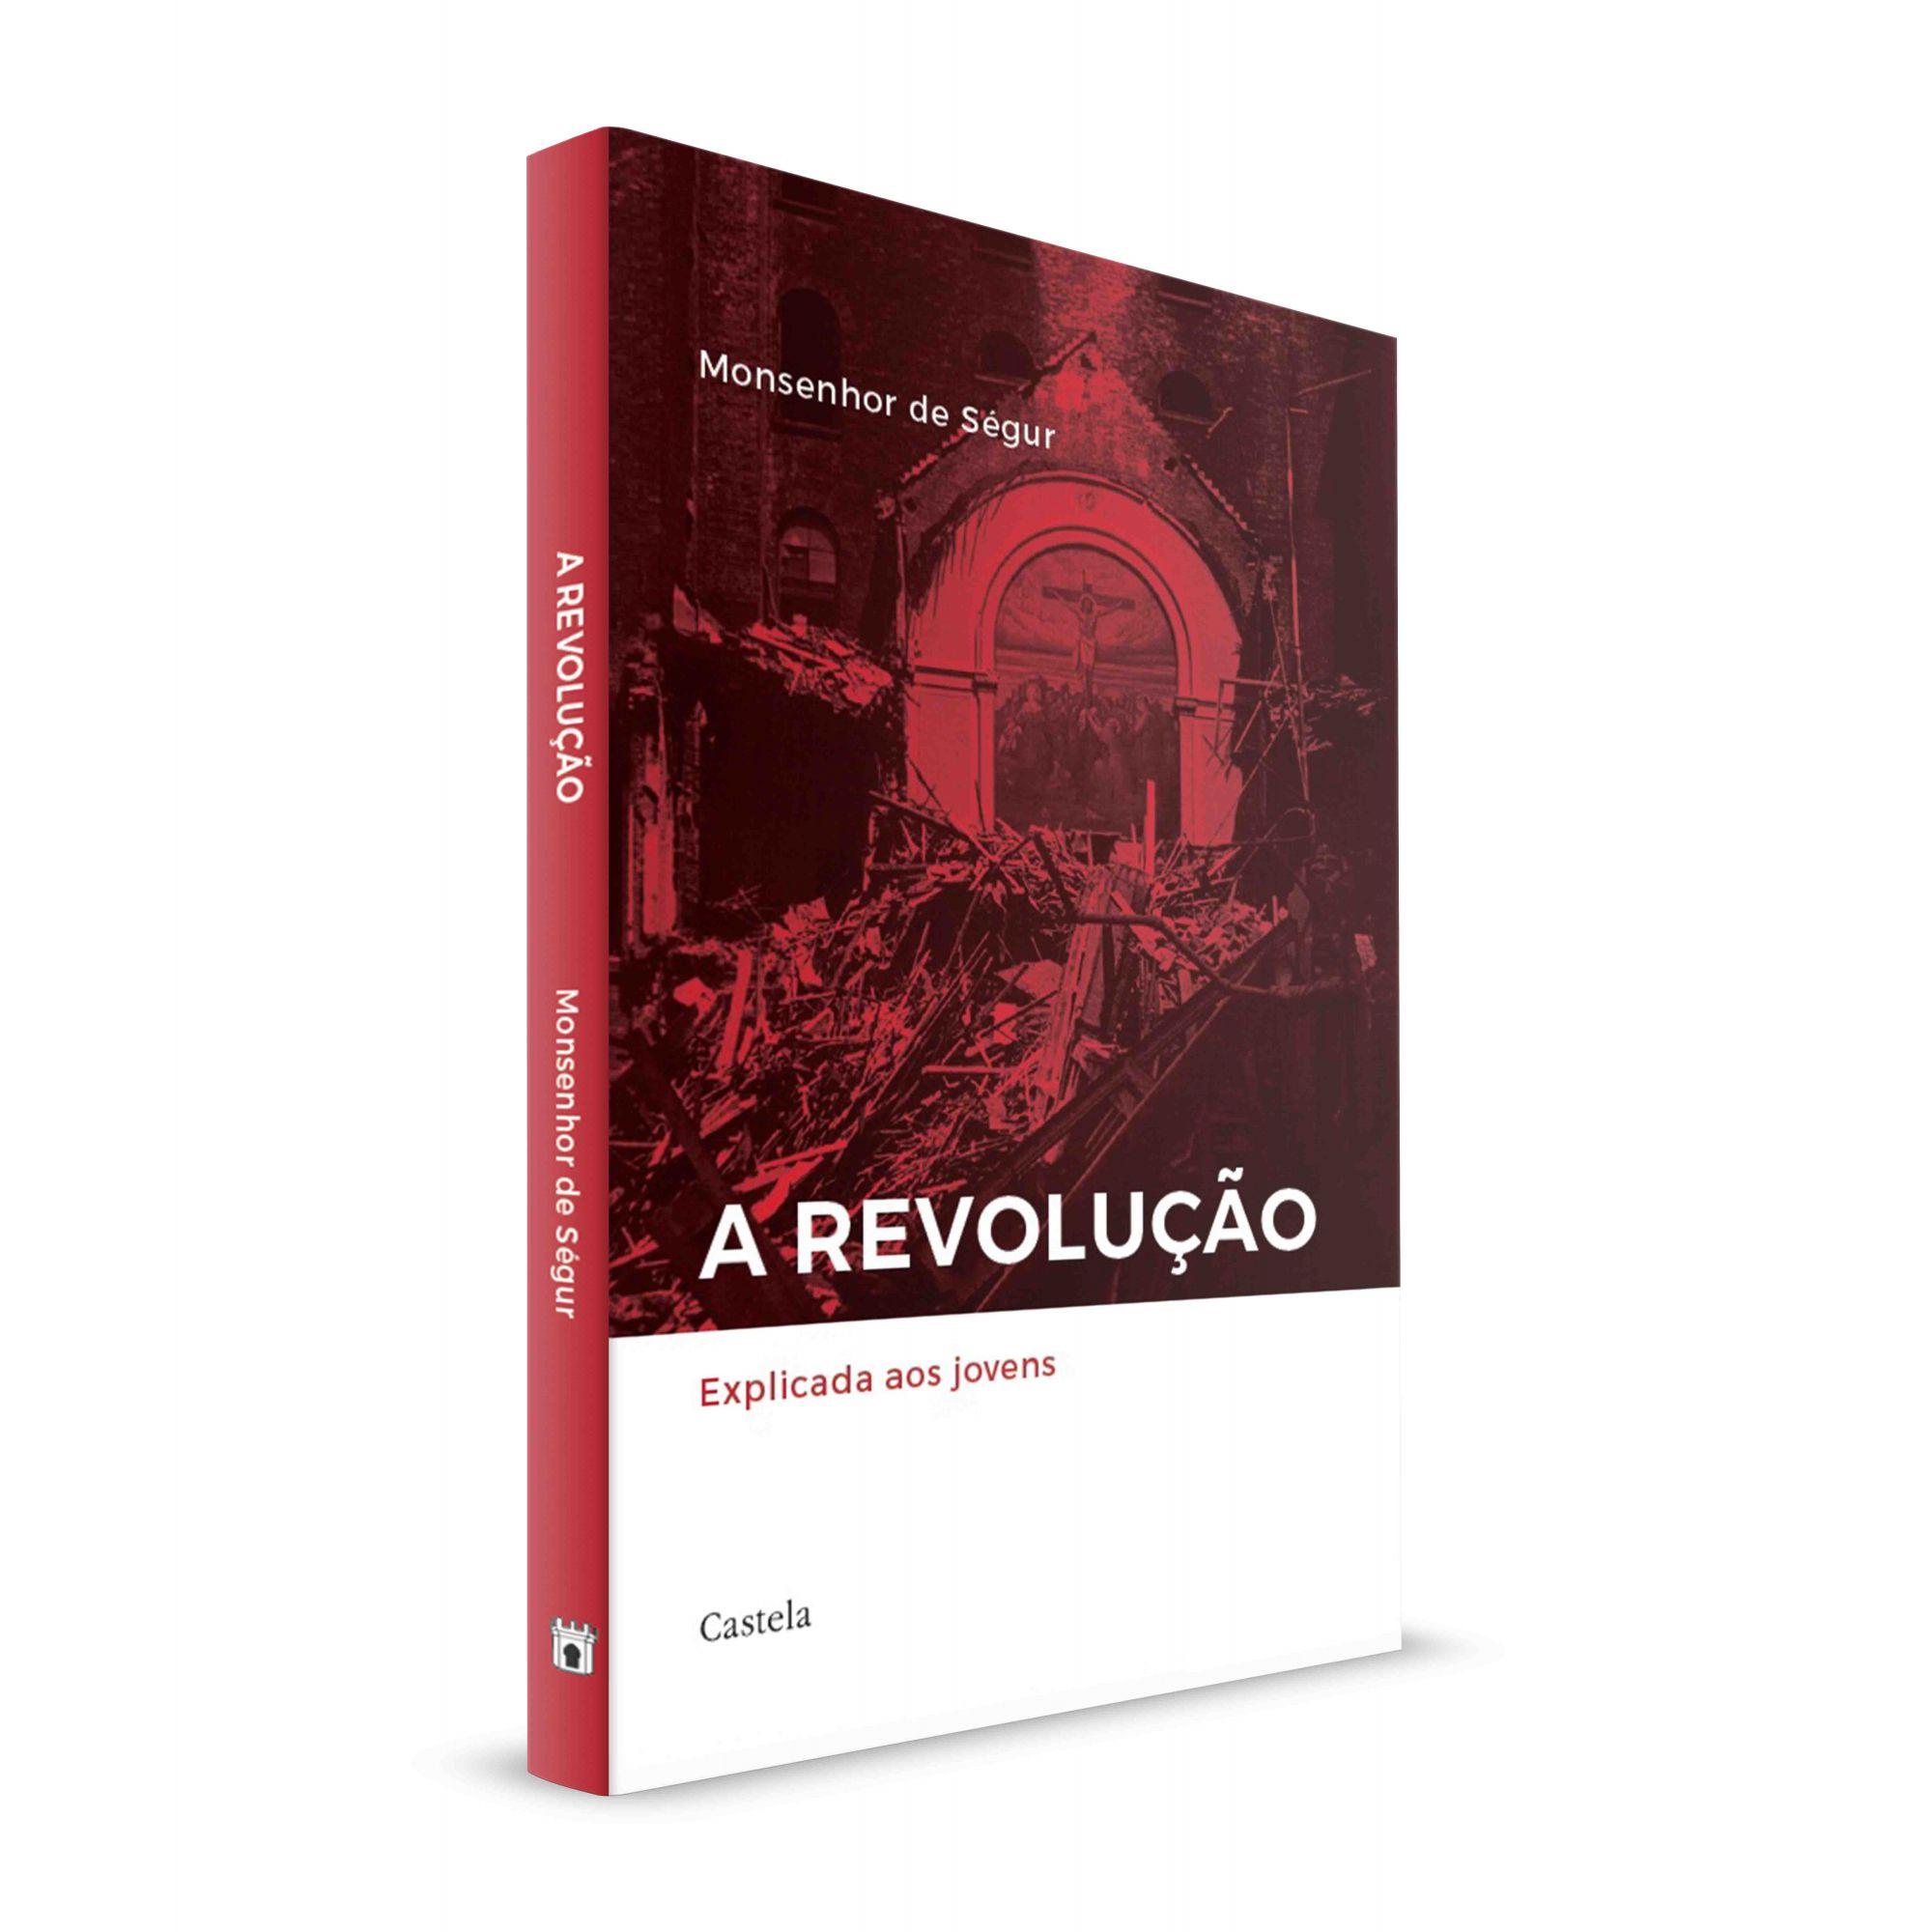 A Revolução explicada aos jovens - Monsenhor de Ségur